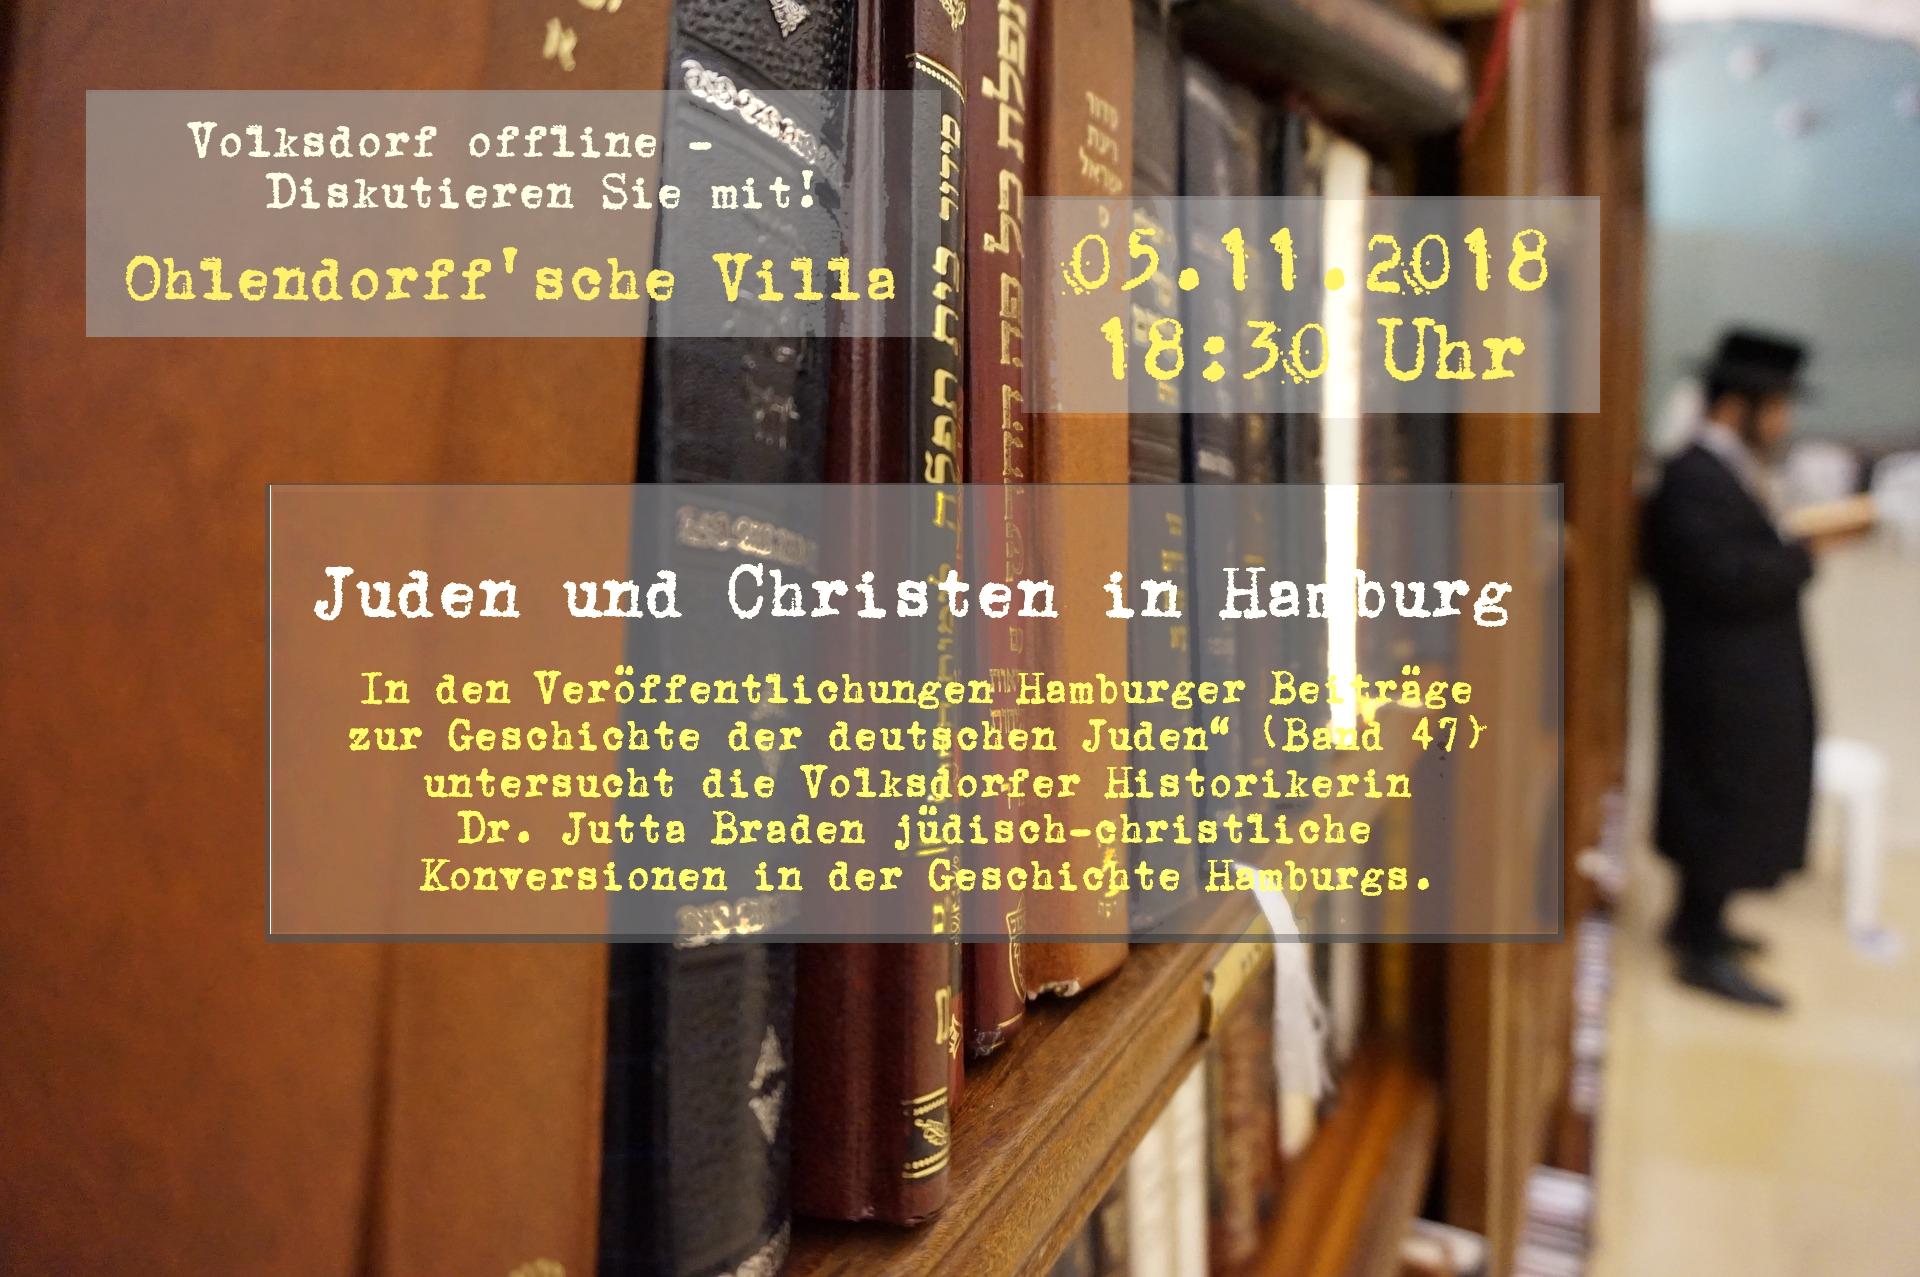 Volksdorf offline - Juden und Christen in Hamburg